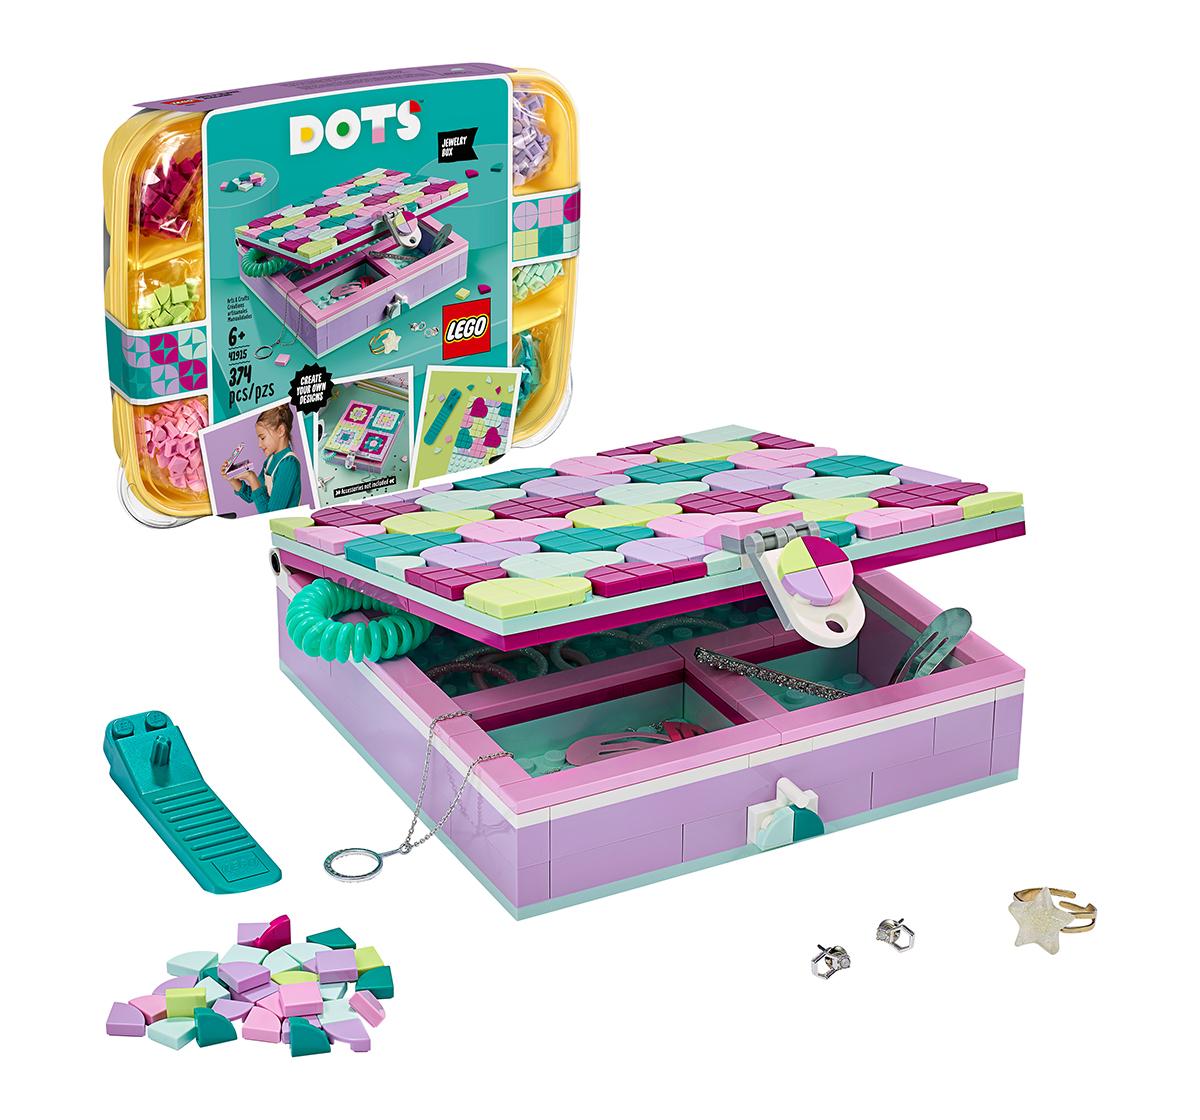 LEGO | LEGO DOTS Jewelry Box 41915 Lego Blocks for Girls age 6Y+